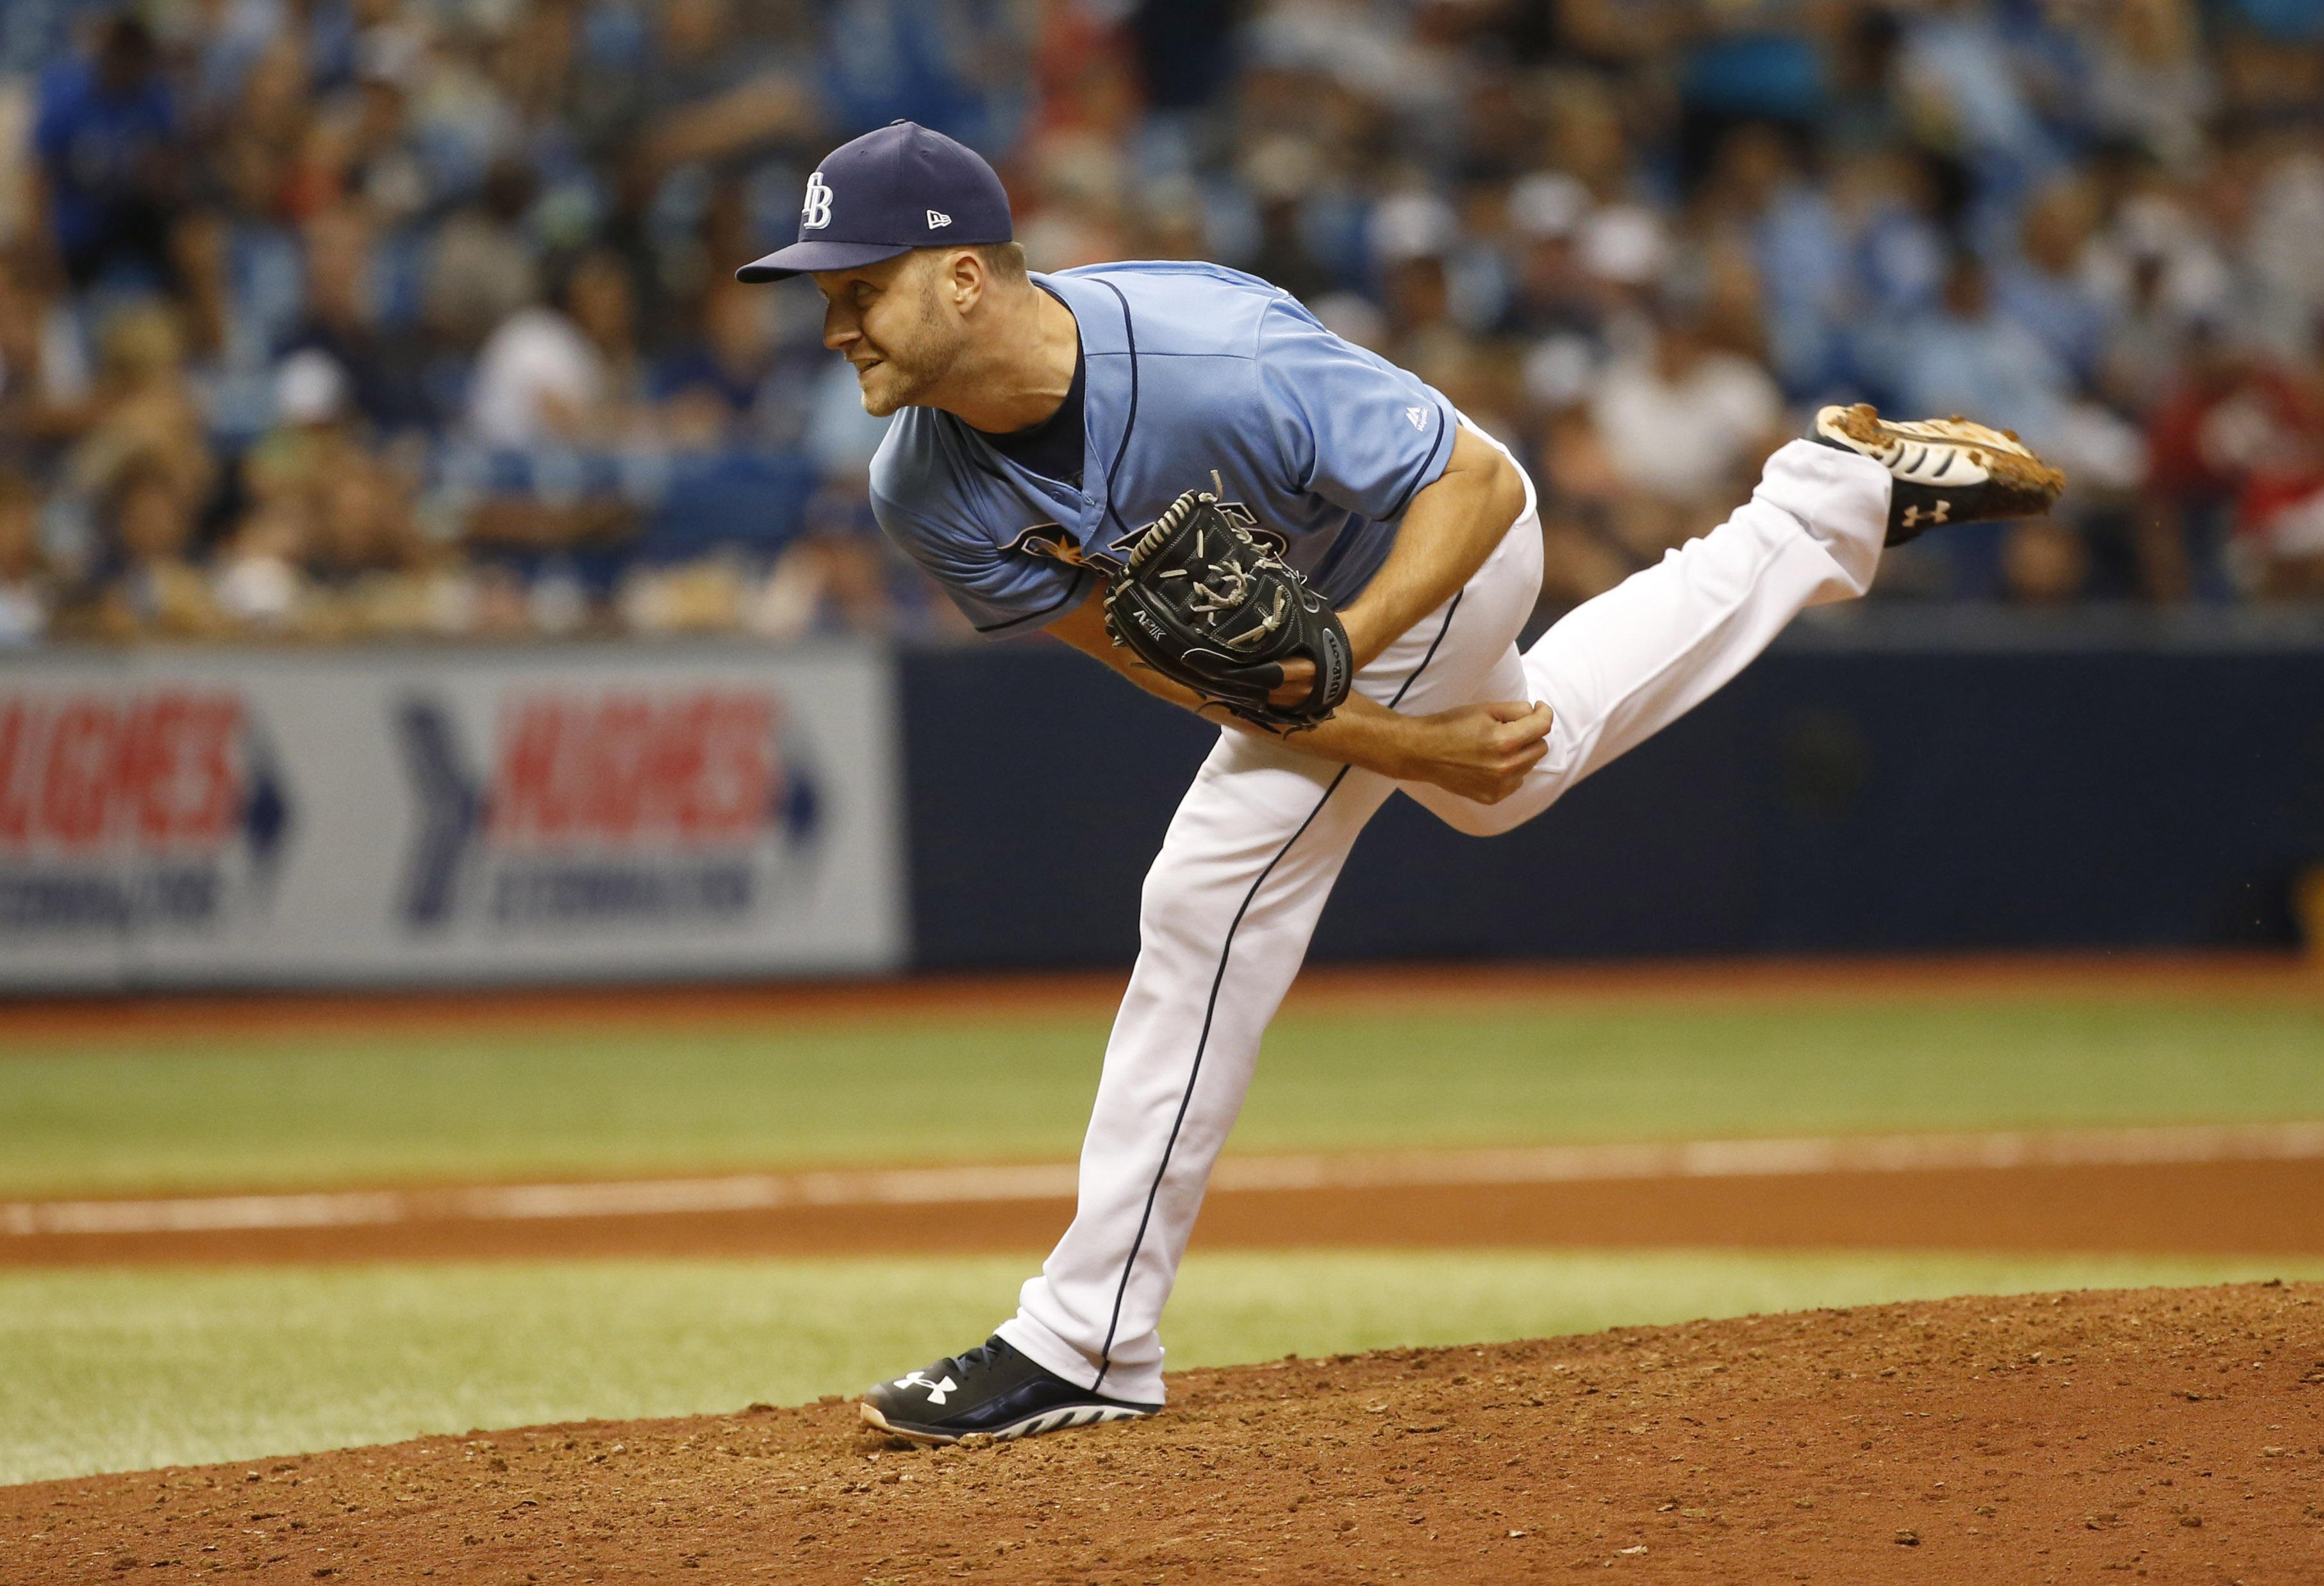 MLB: Texas Rangers at Tampa Bay Rays